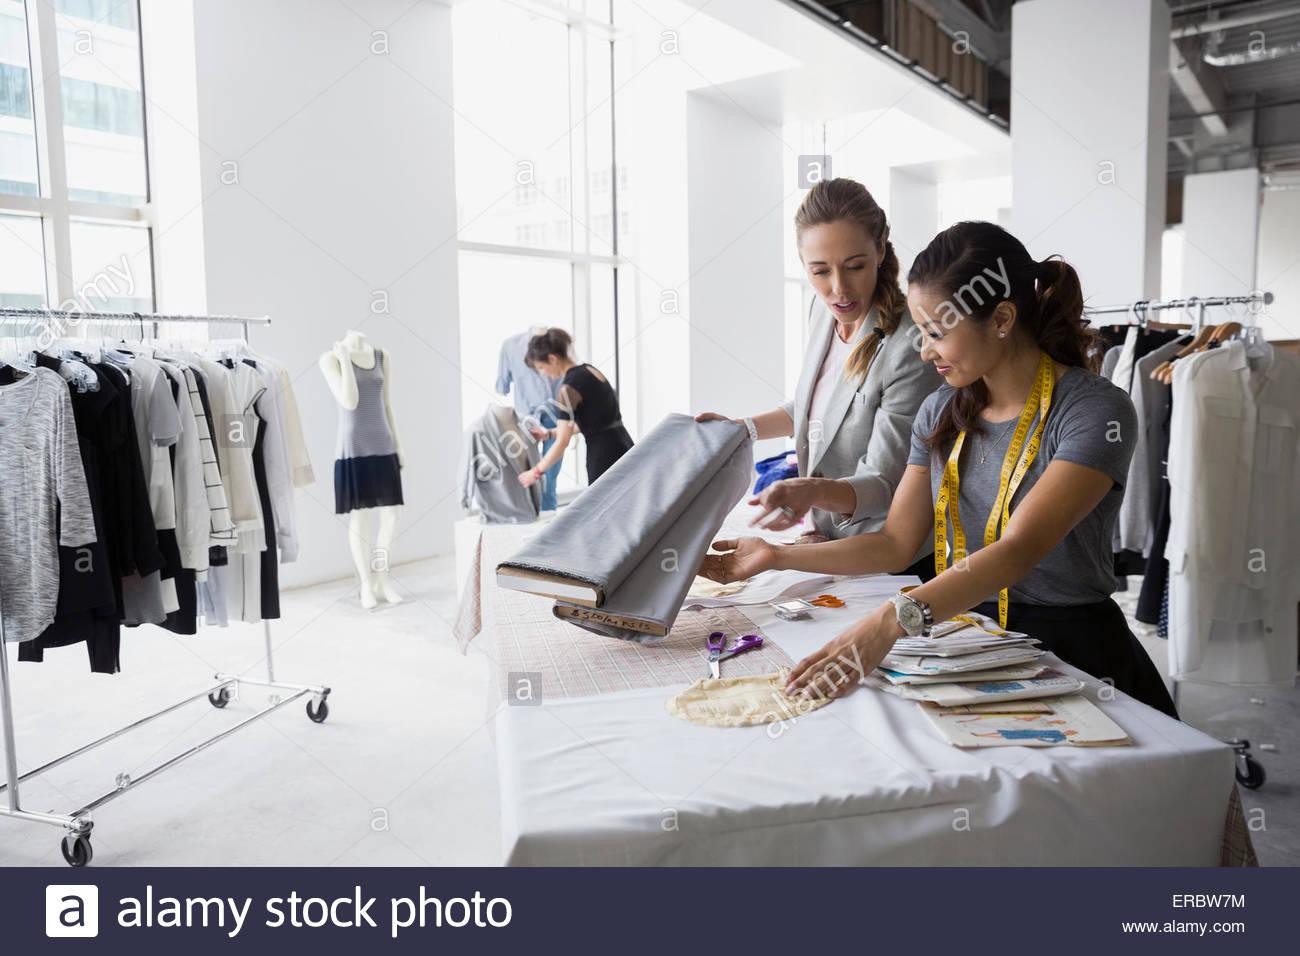 Les créateurs de mode travaillant avec des tissus et modèles de couture Photo Stock